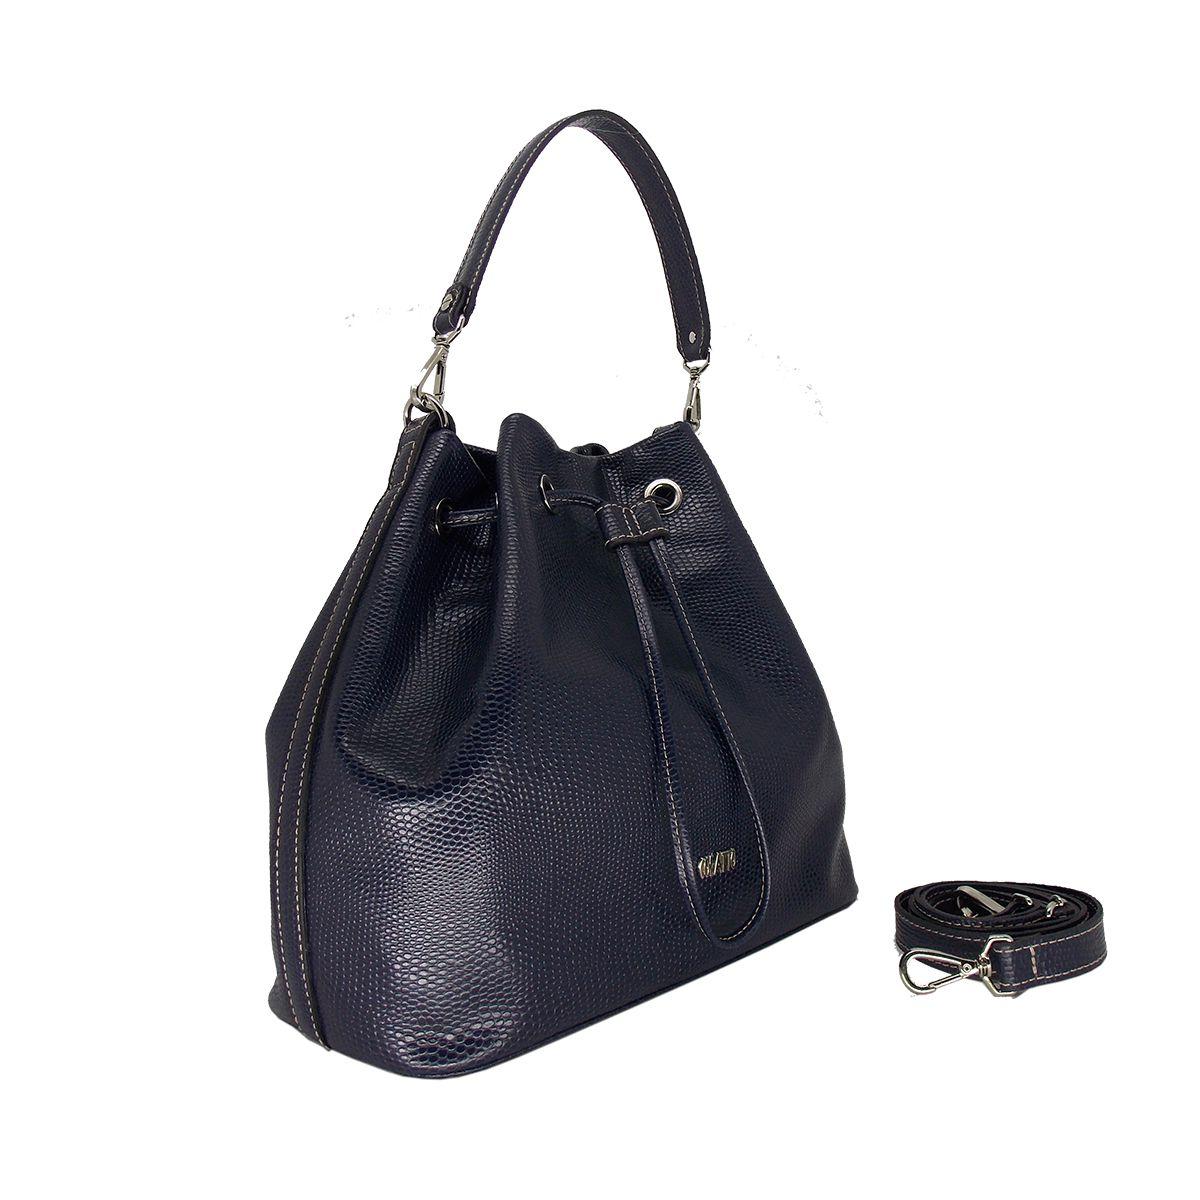 Bolsa Saco Estilosa de Couro Azul Marinho com estampa Colatto